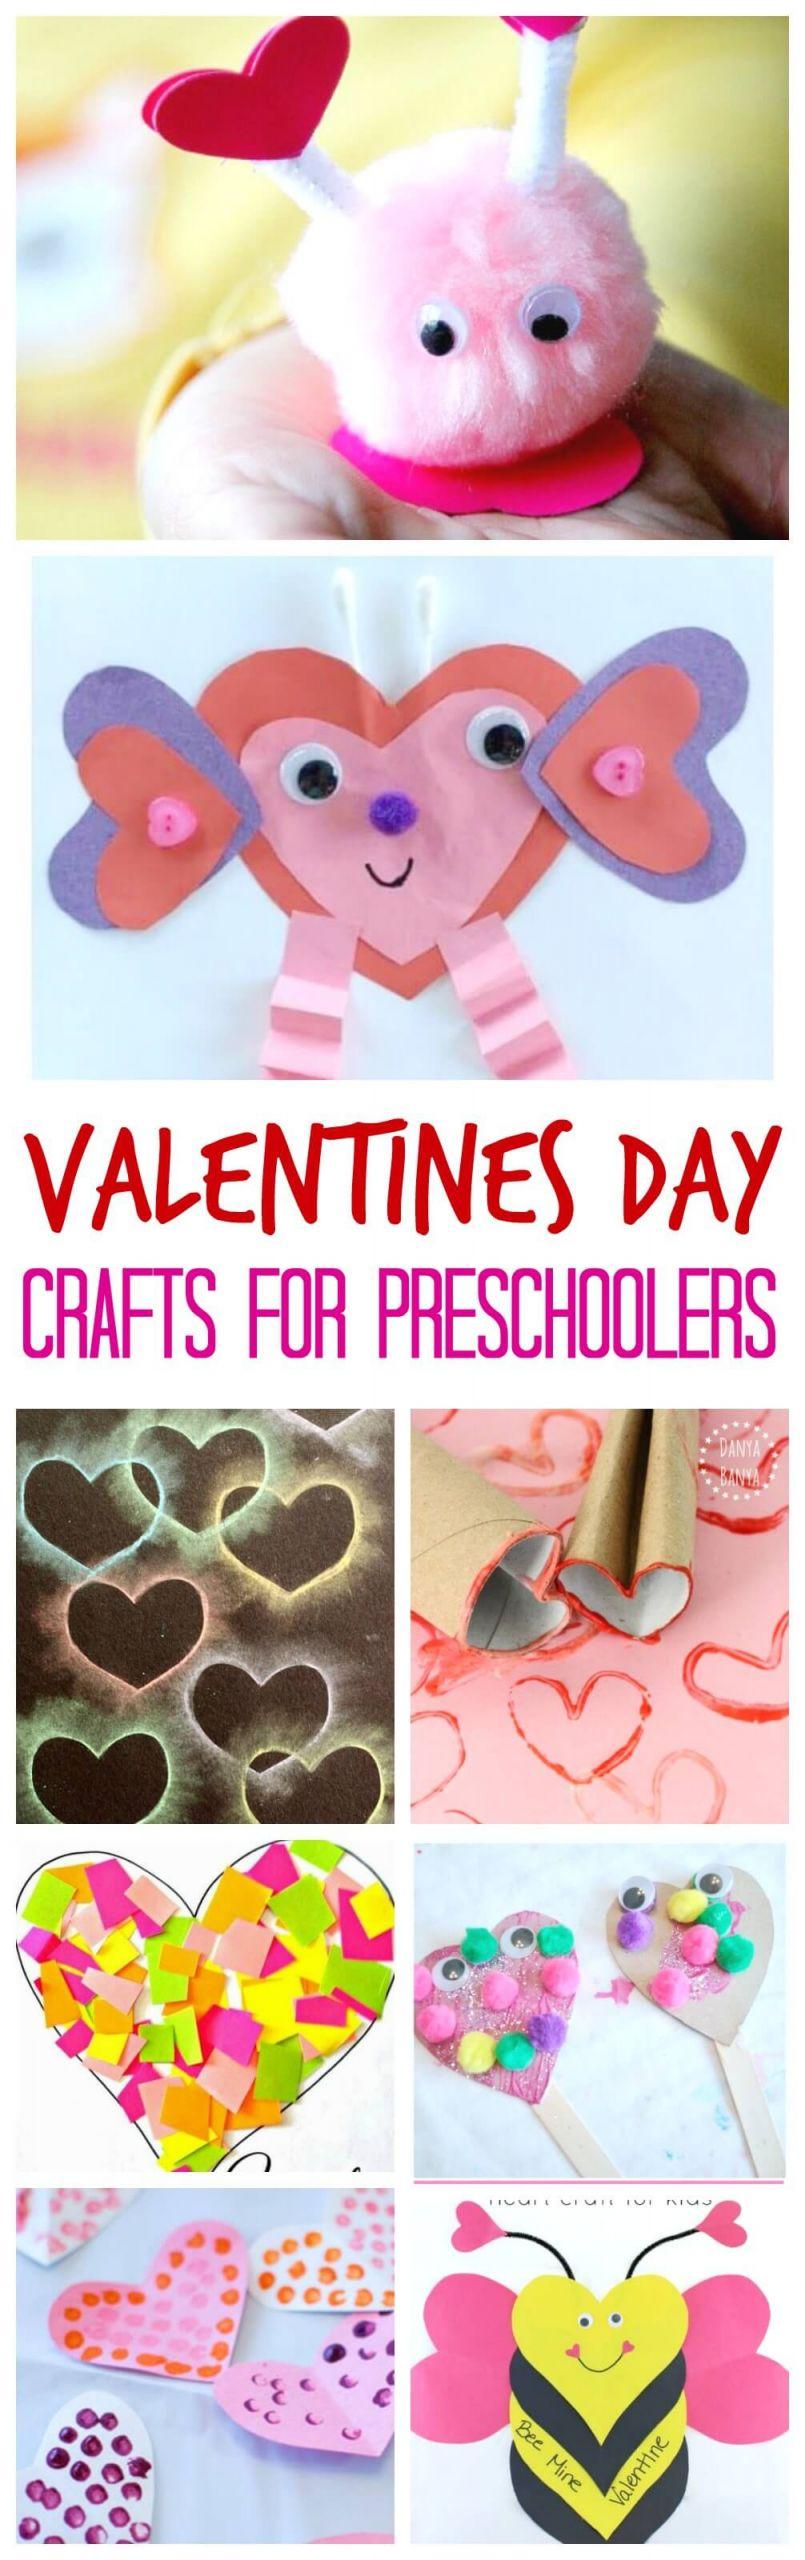 Valentine Day Craft Ideas For Preschoolers  Valentine s Day Crafts for Preschoolers